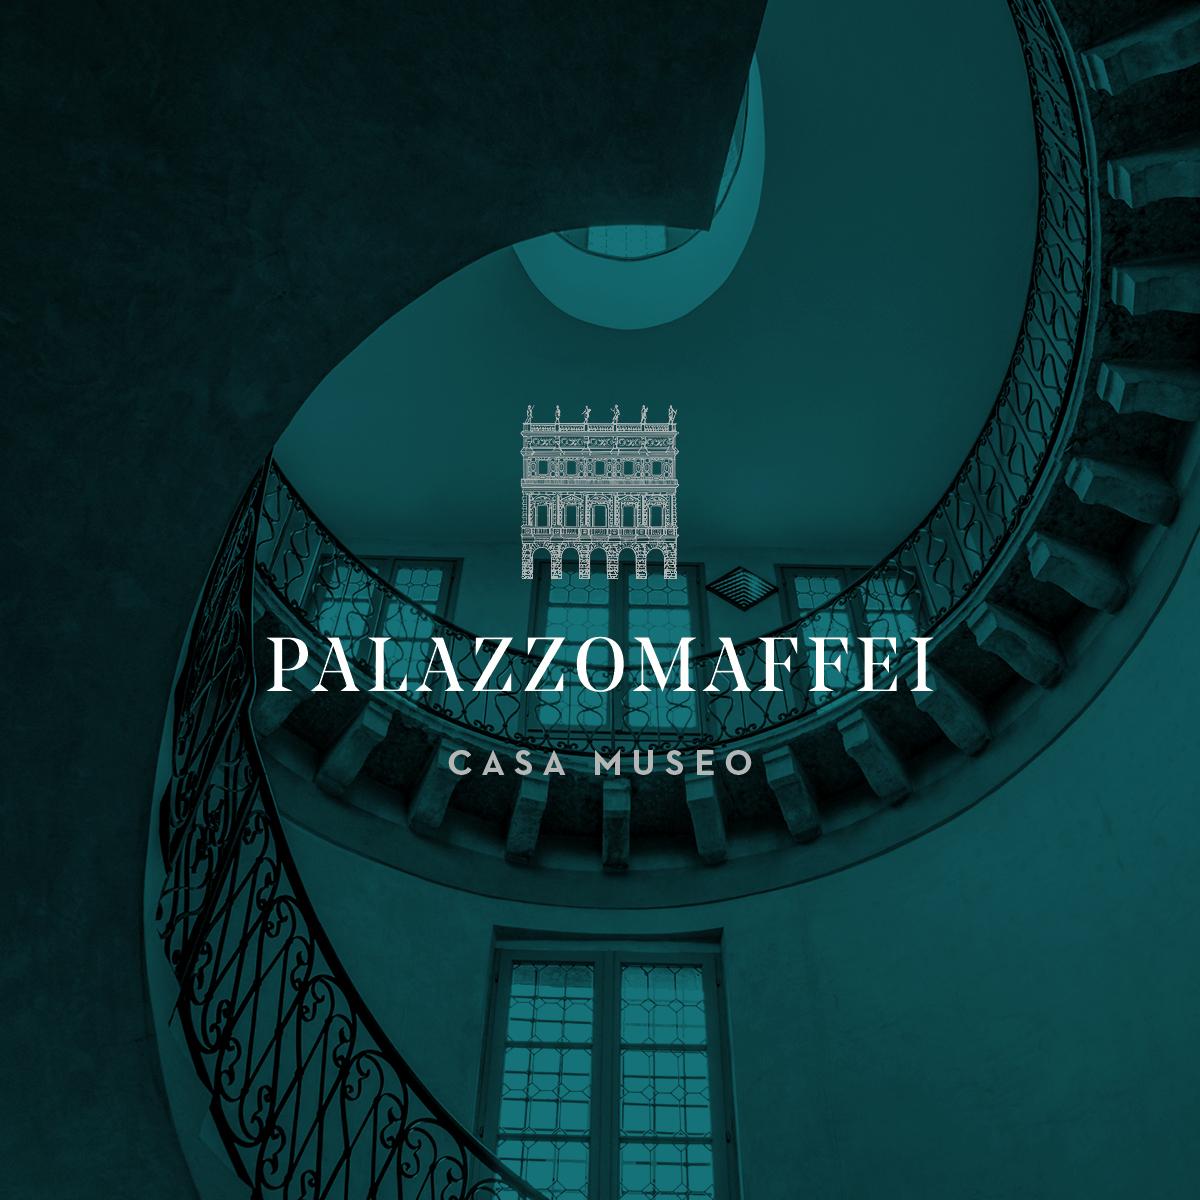 Palazzo-MaffeiCasa-Museo-001